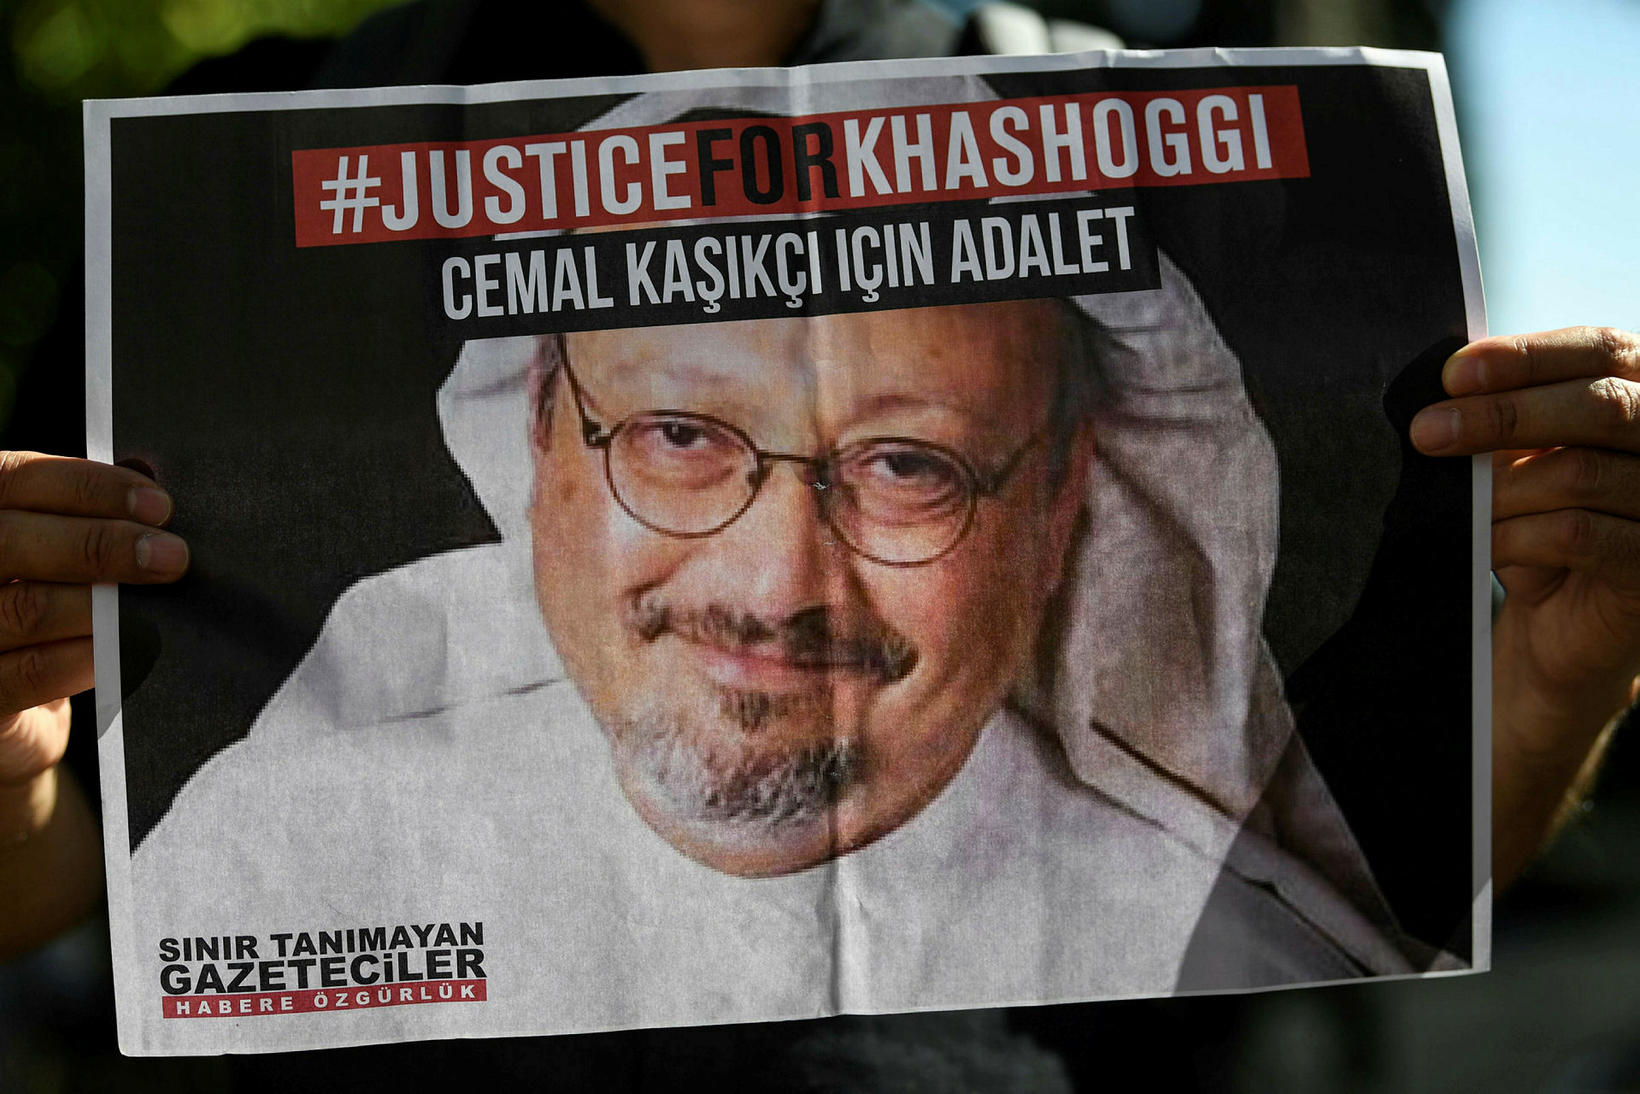 Margir minnast enn Jamal Khashoggi, blaðamannsins sem myrtur var af …